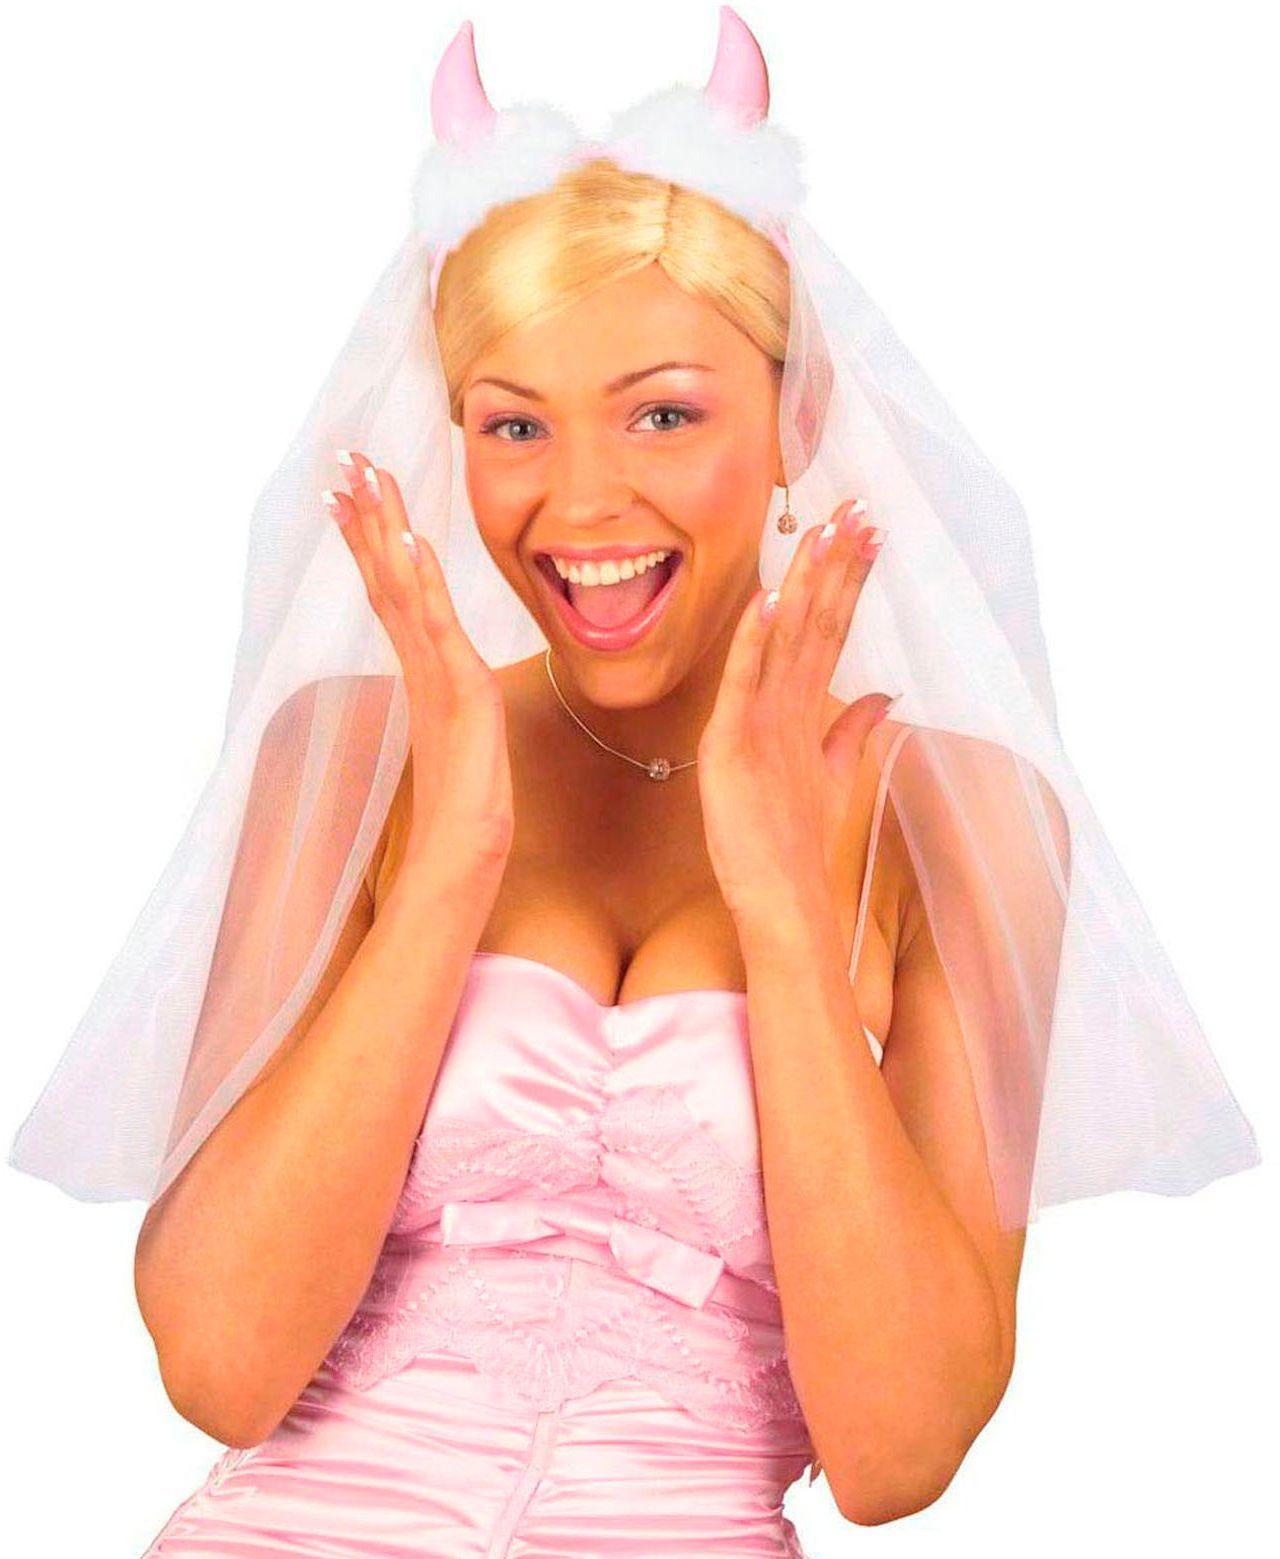 Duivel hoorntjes haardband met bruidssluier